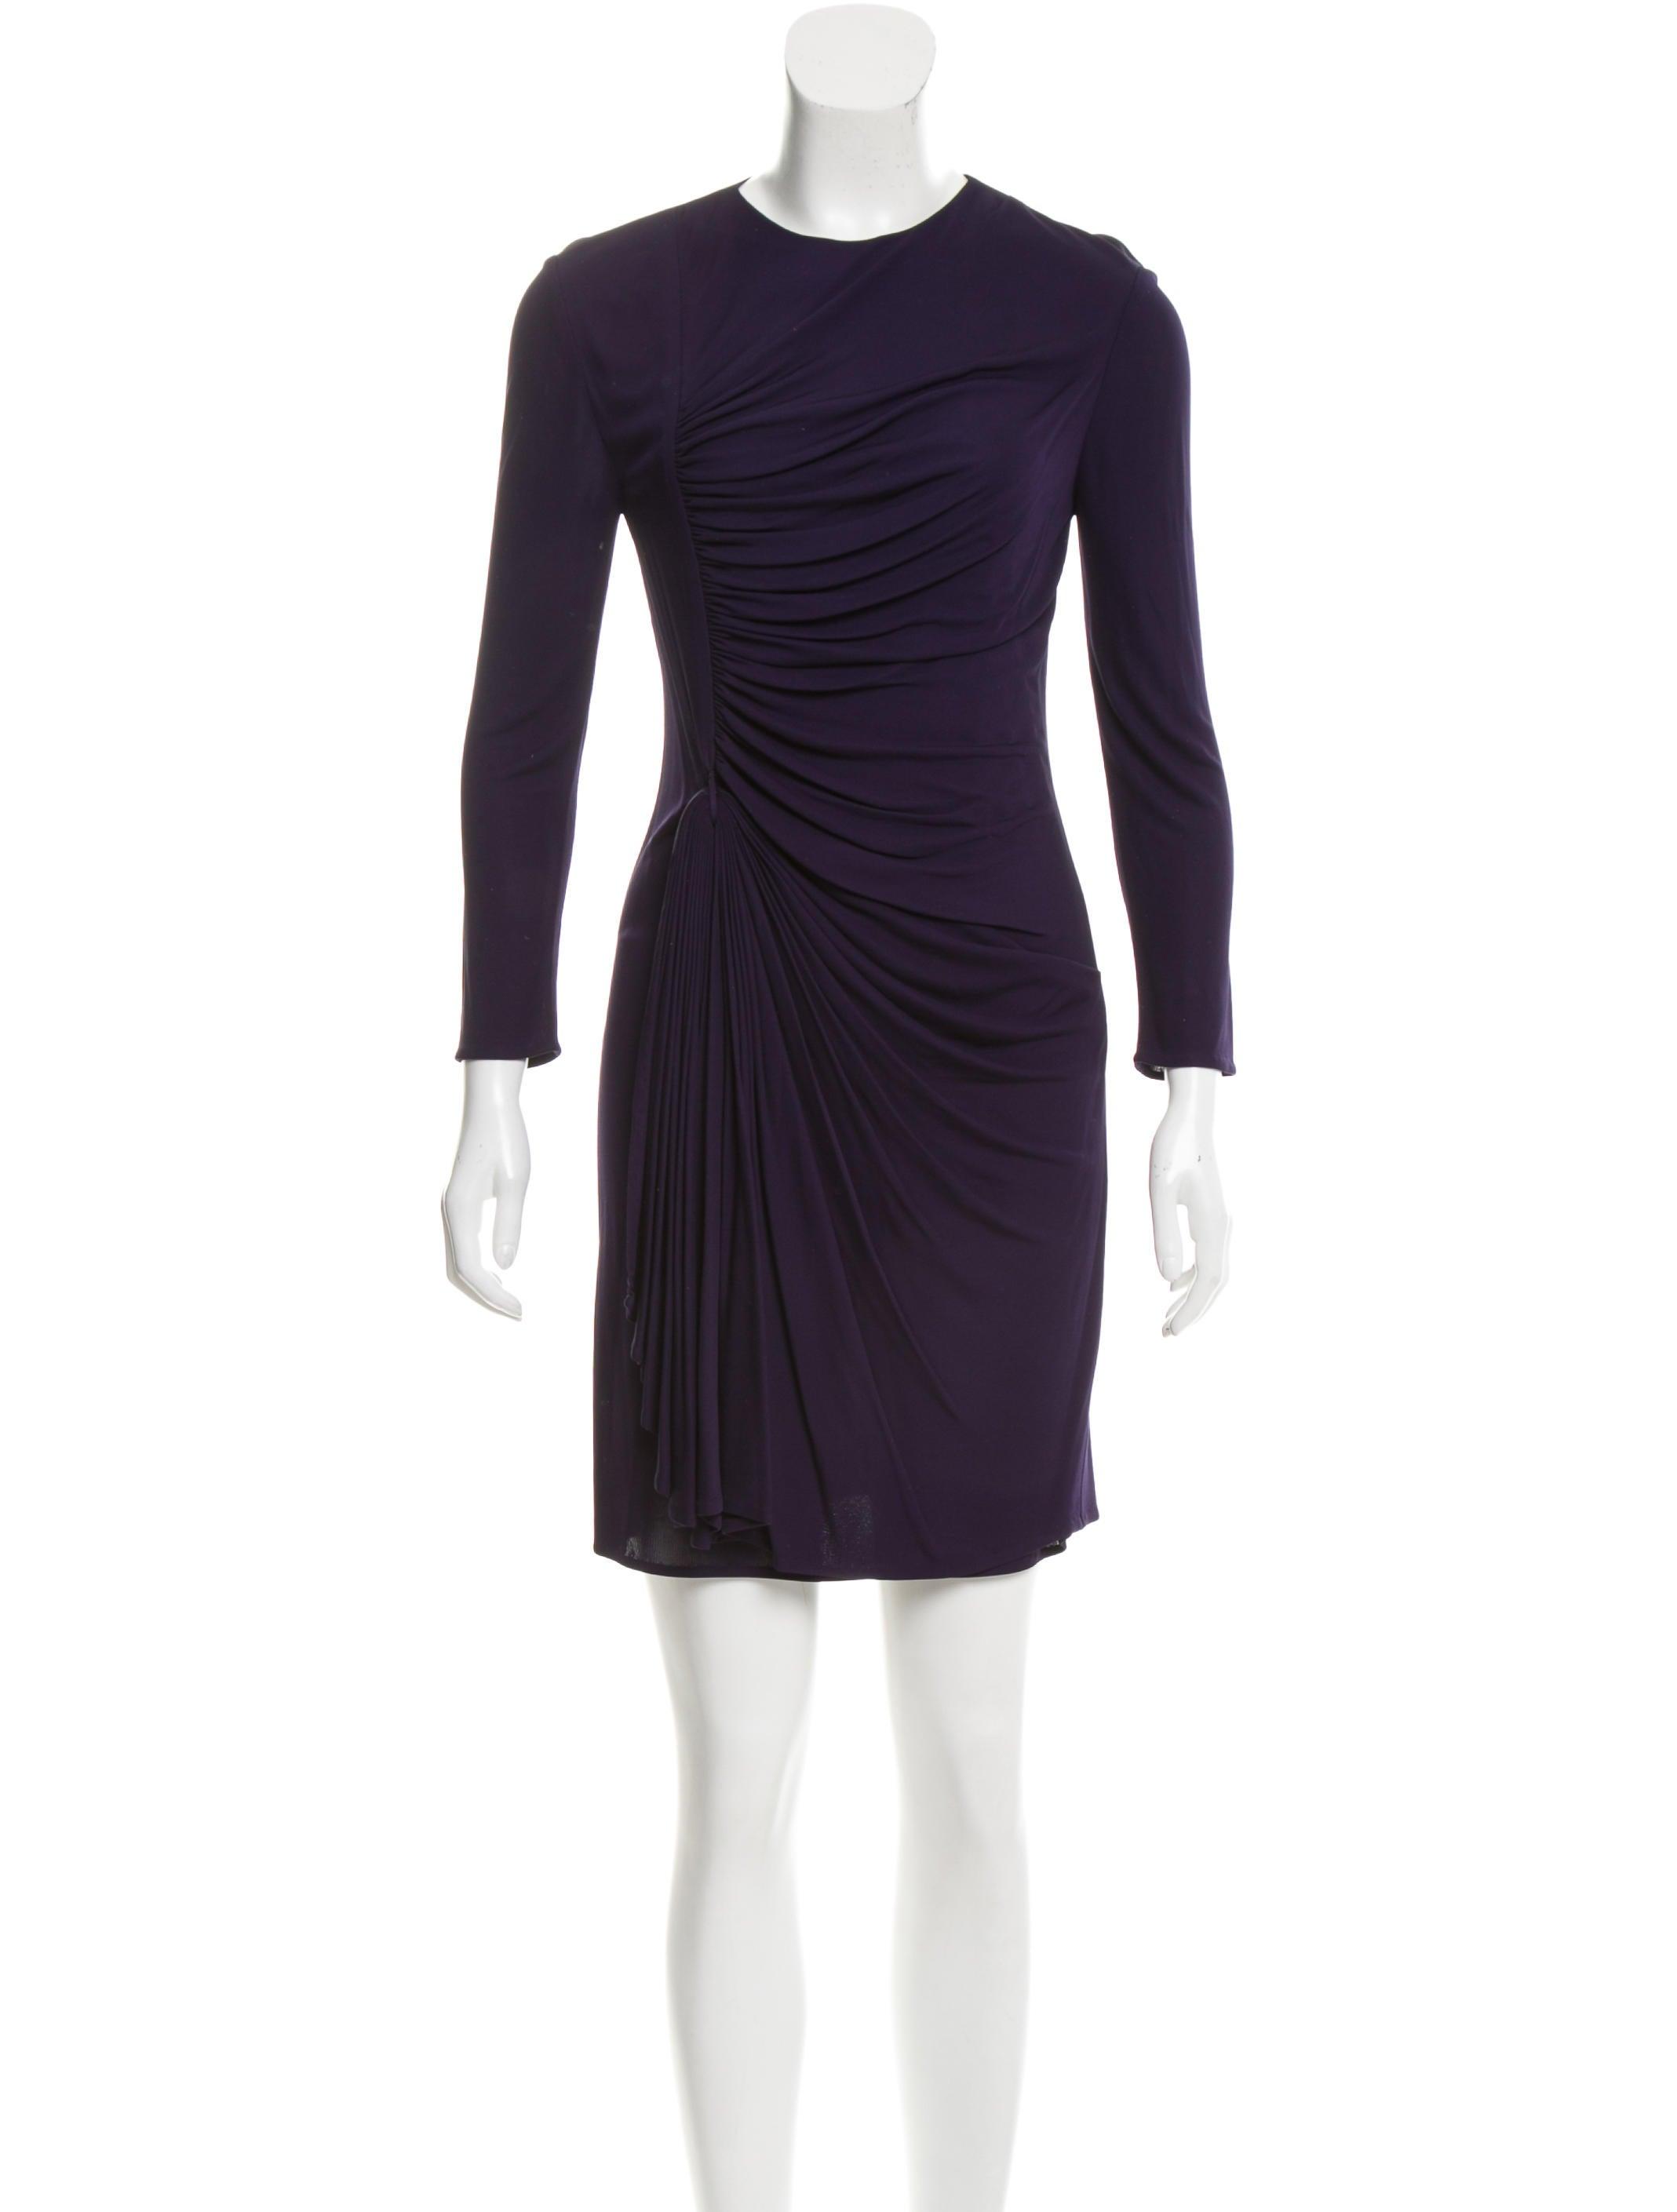 3.1 Phillip Lim Draped Mini Dress - Clothing